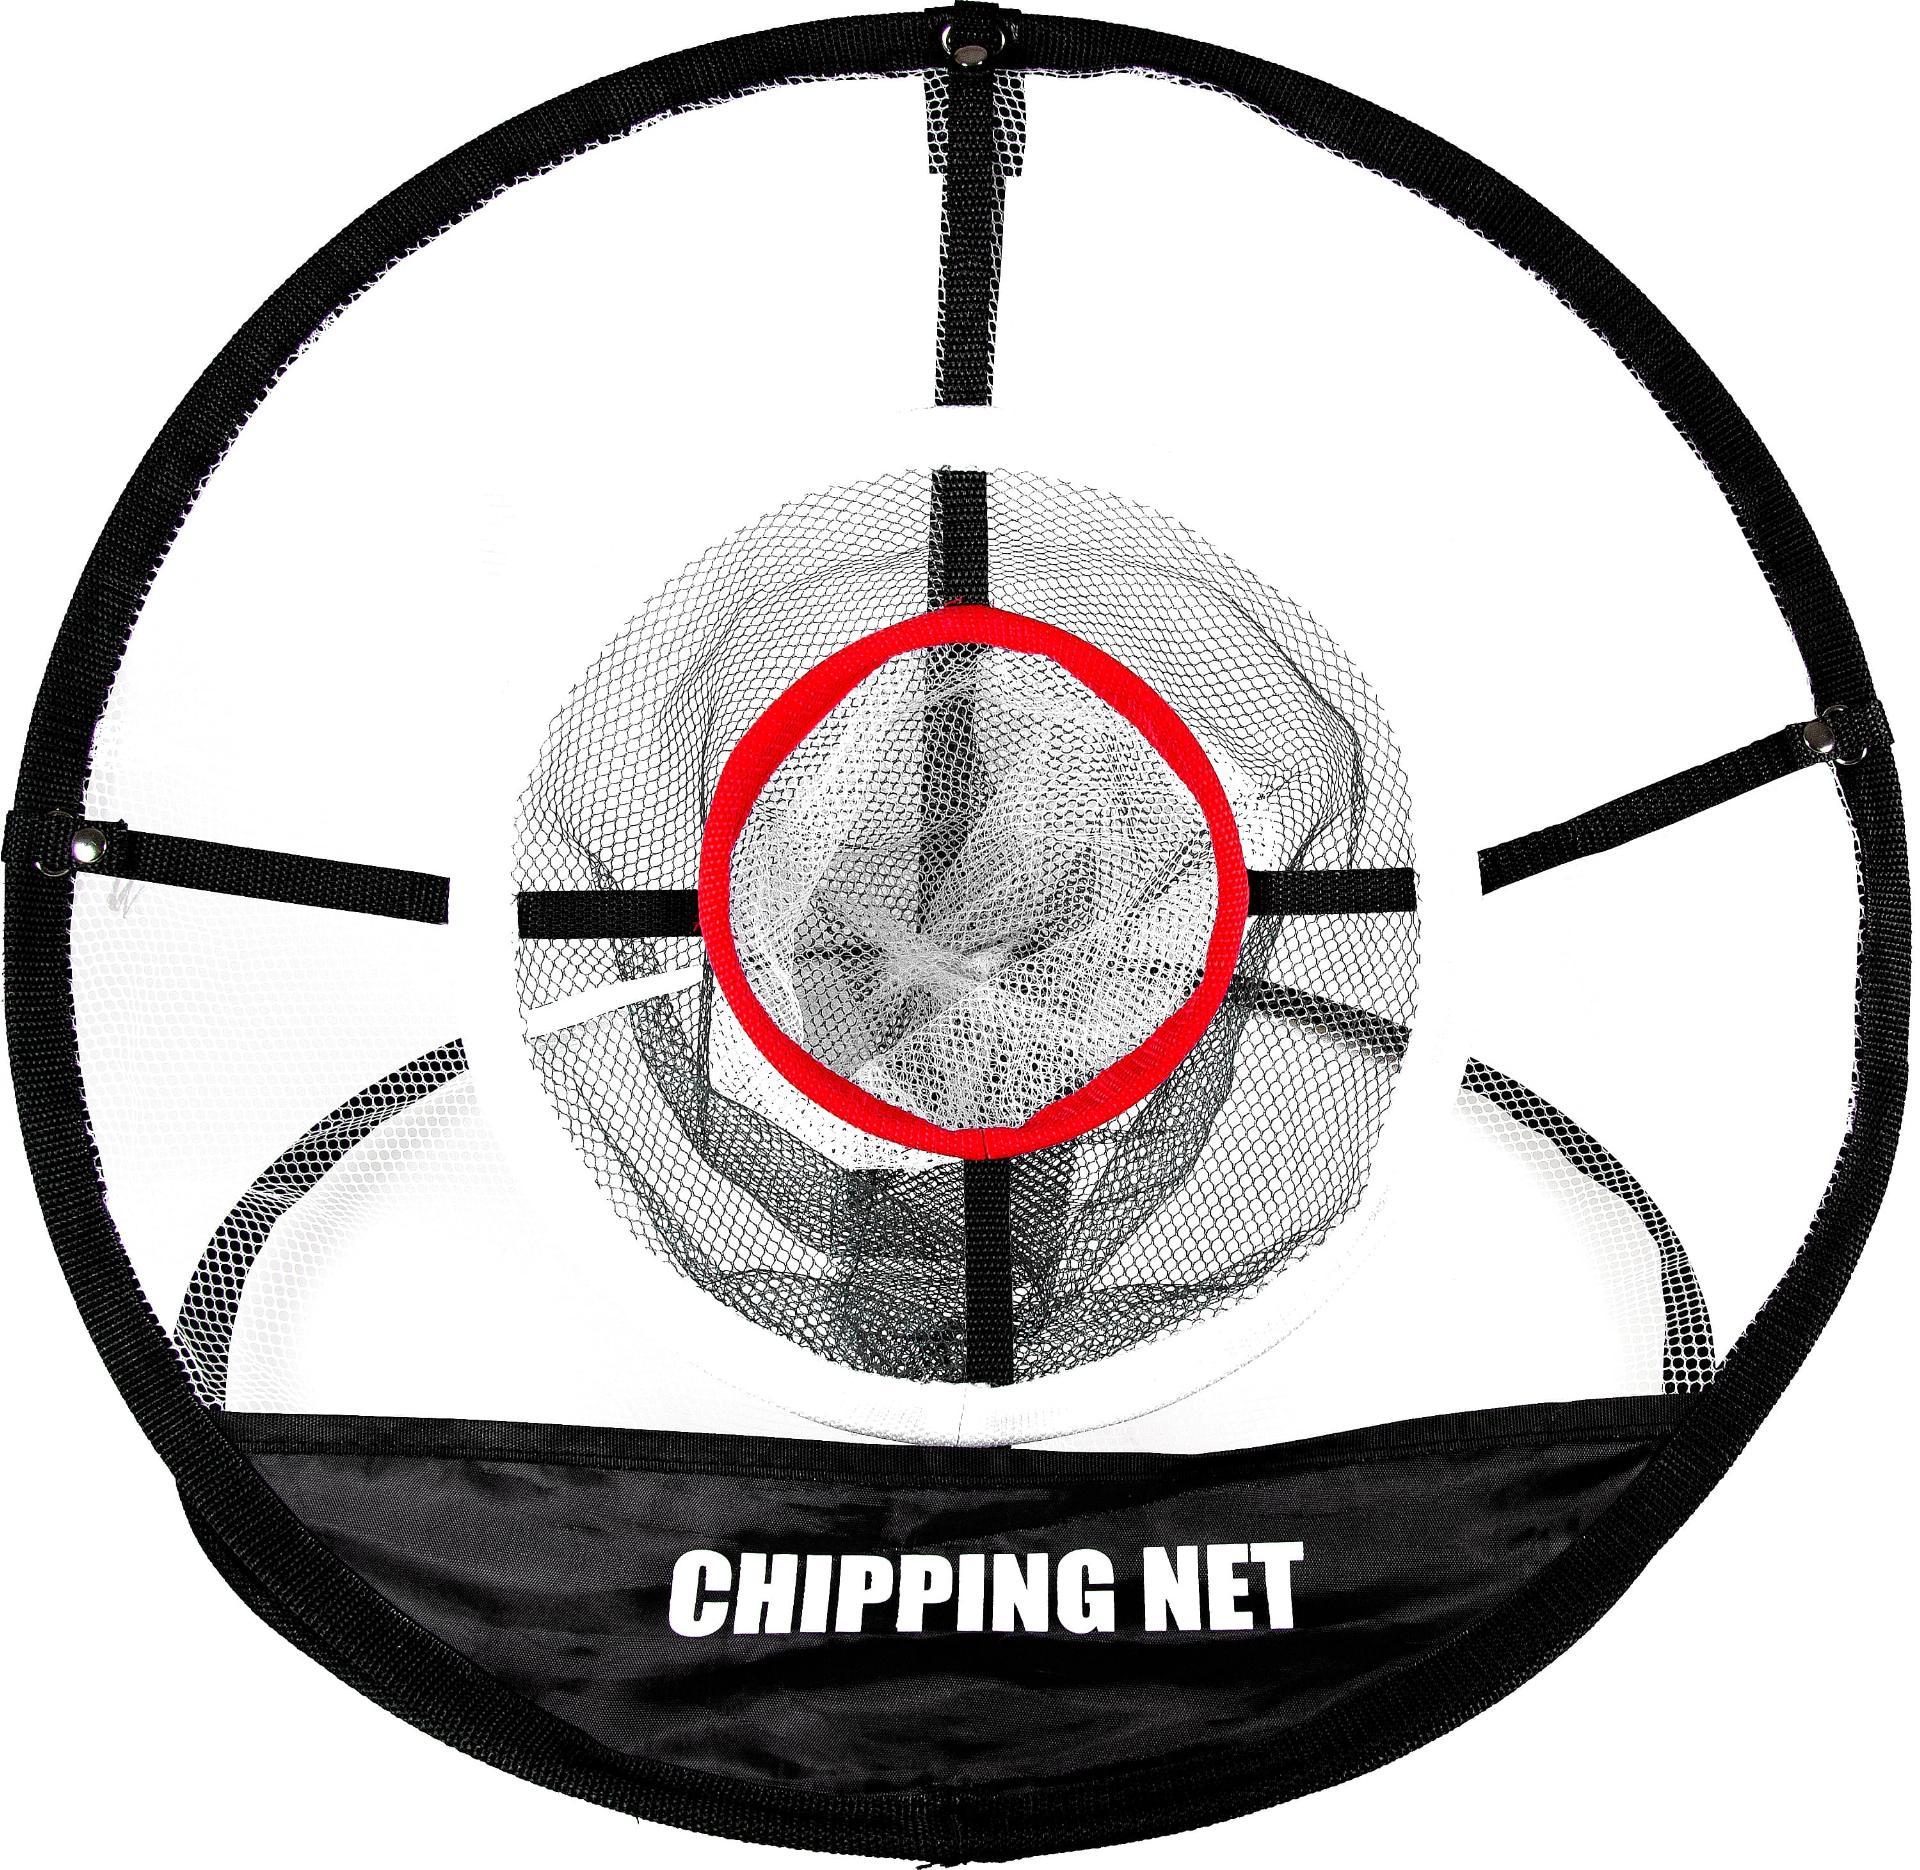 Chippingnetz mit Zielscheibe